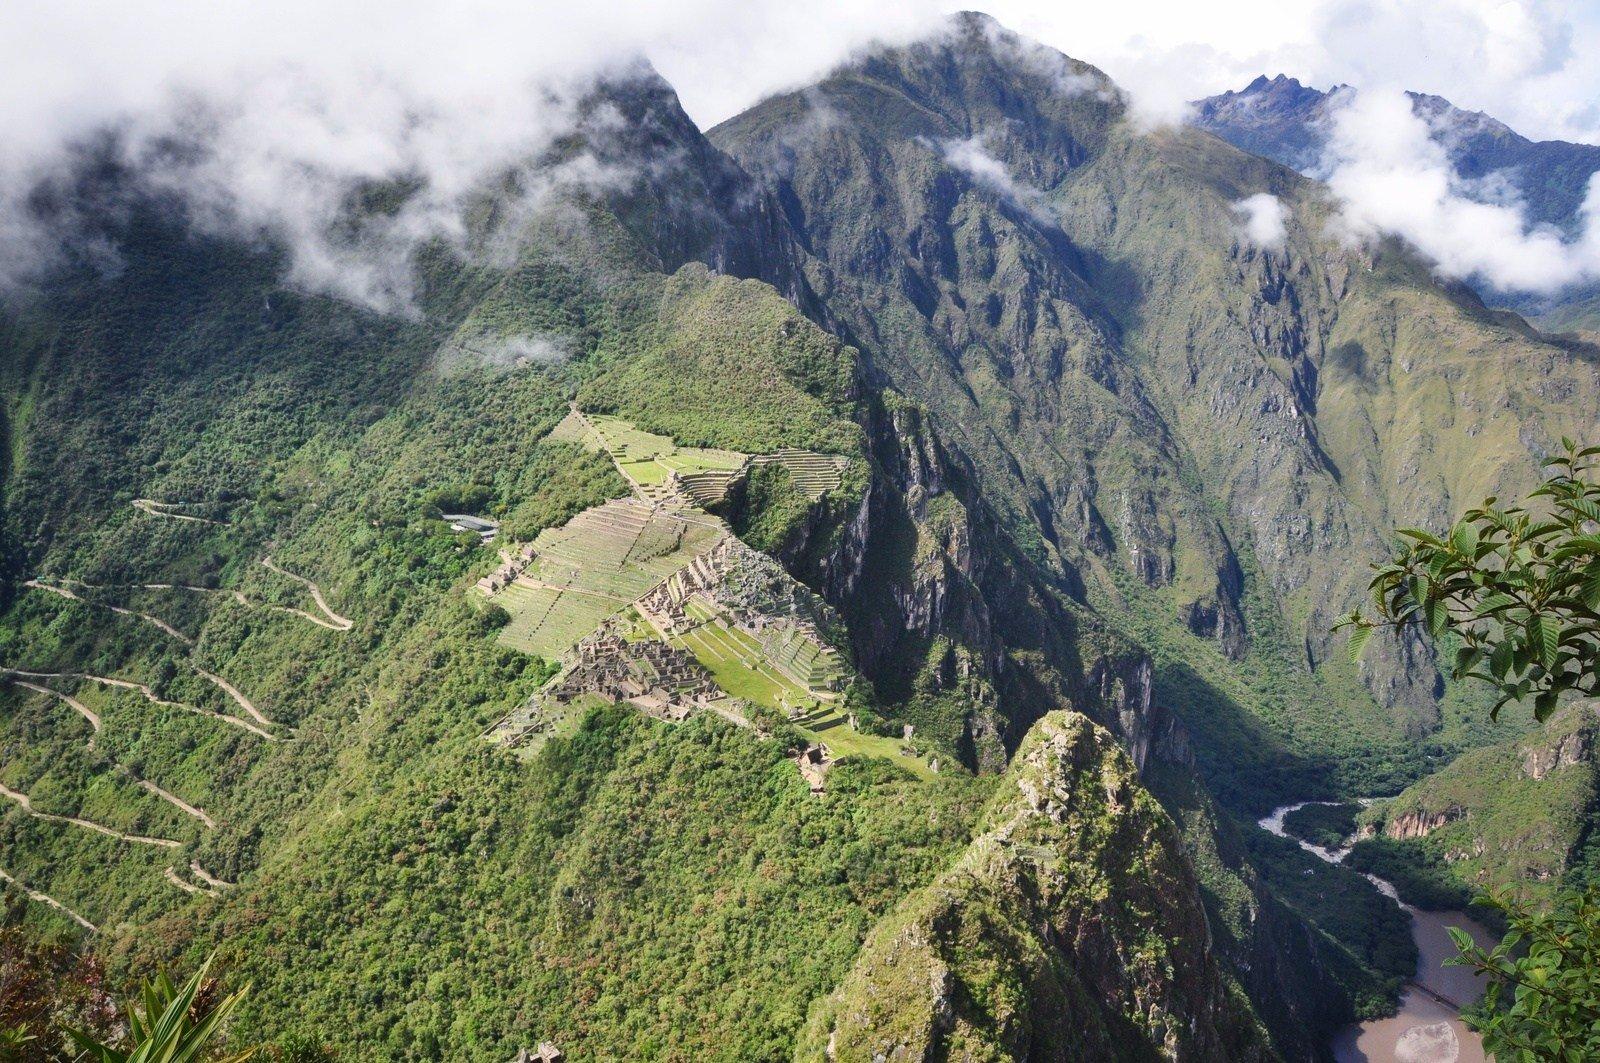 Vue sur les ruines depuis Wayna Picchu Huayna Picchu